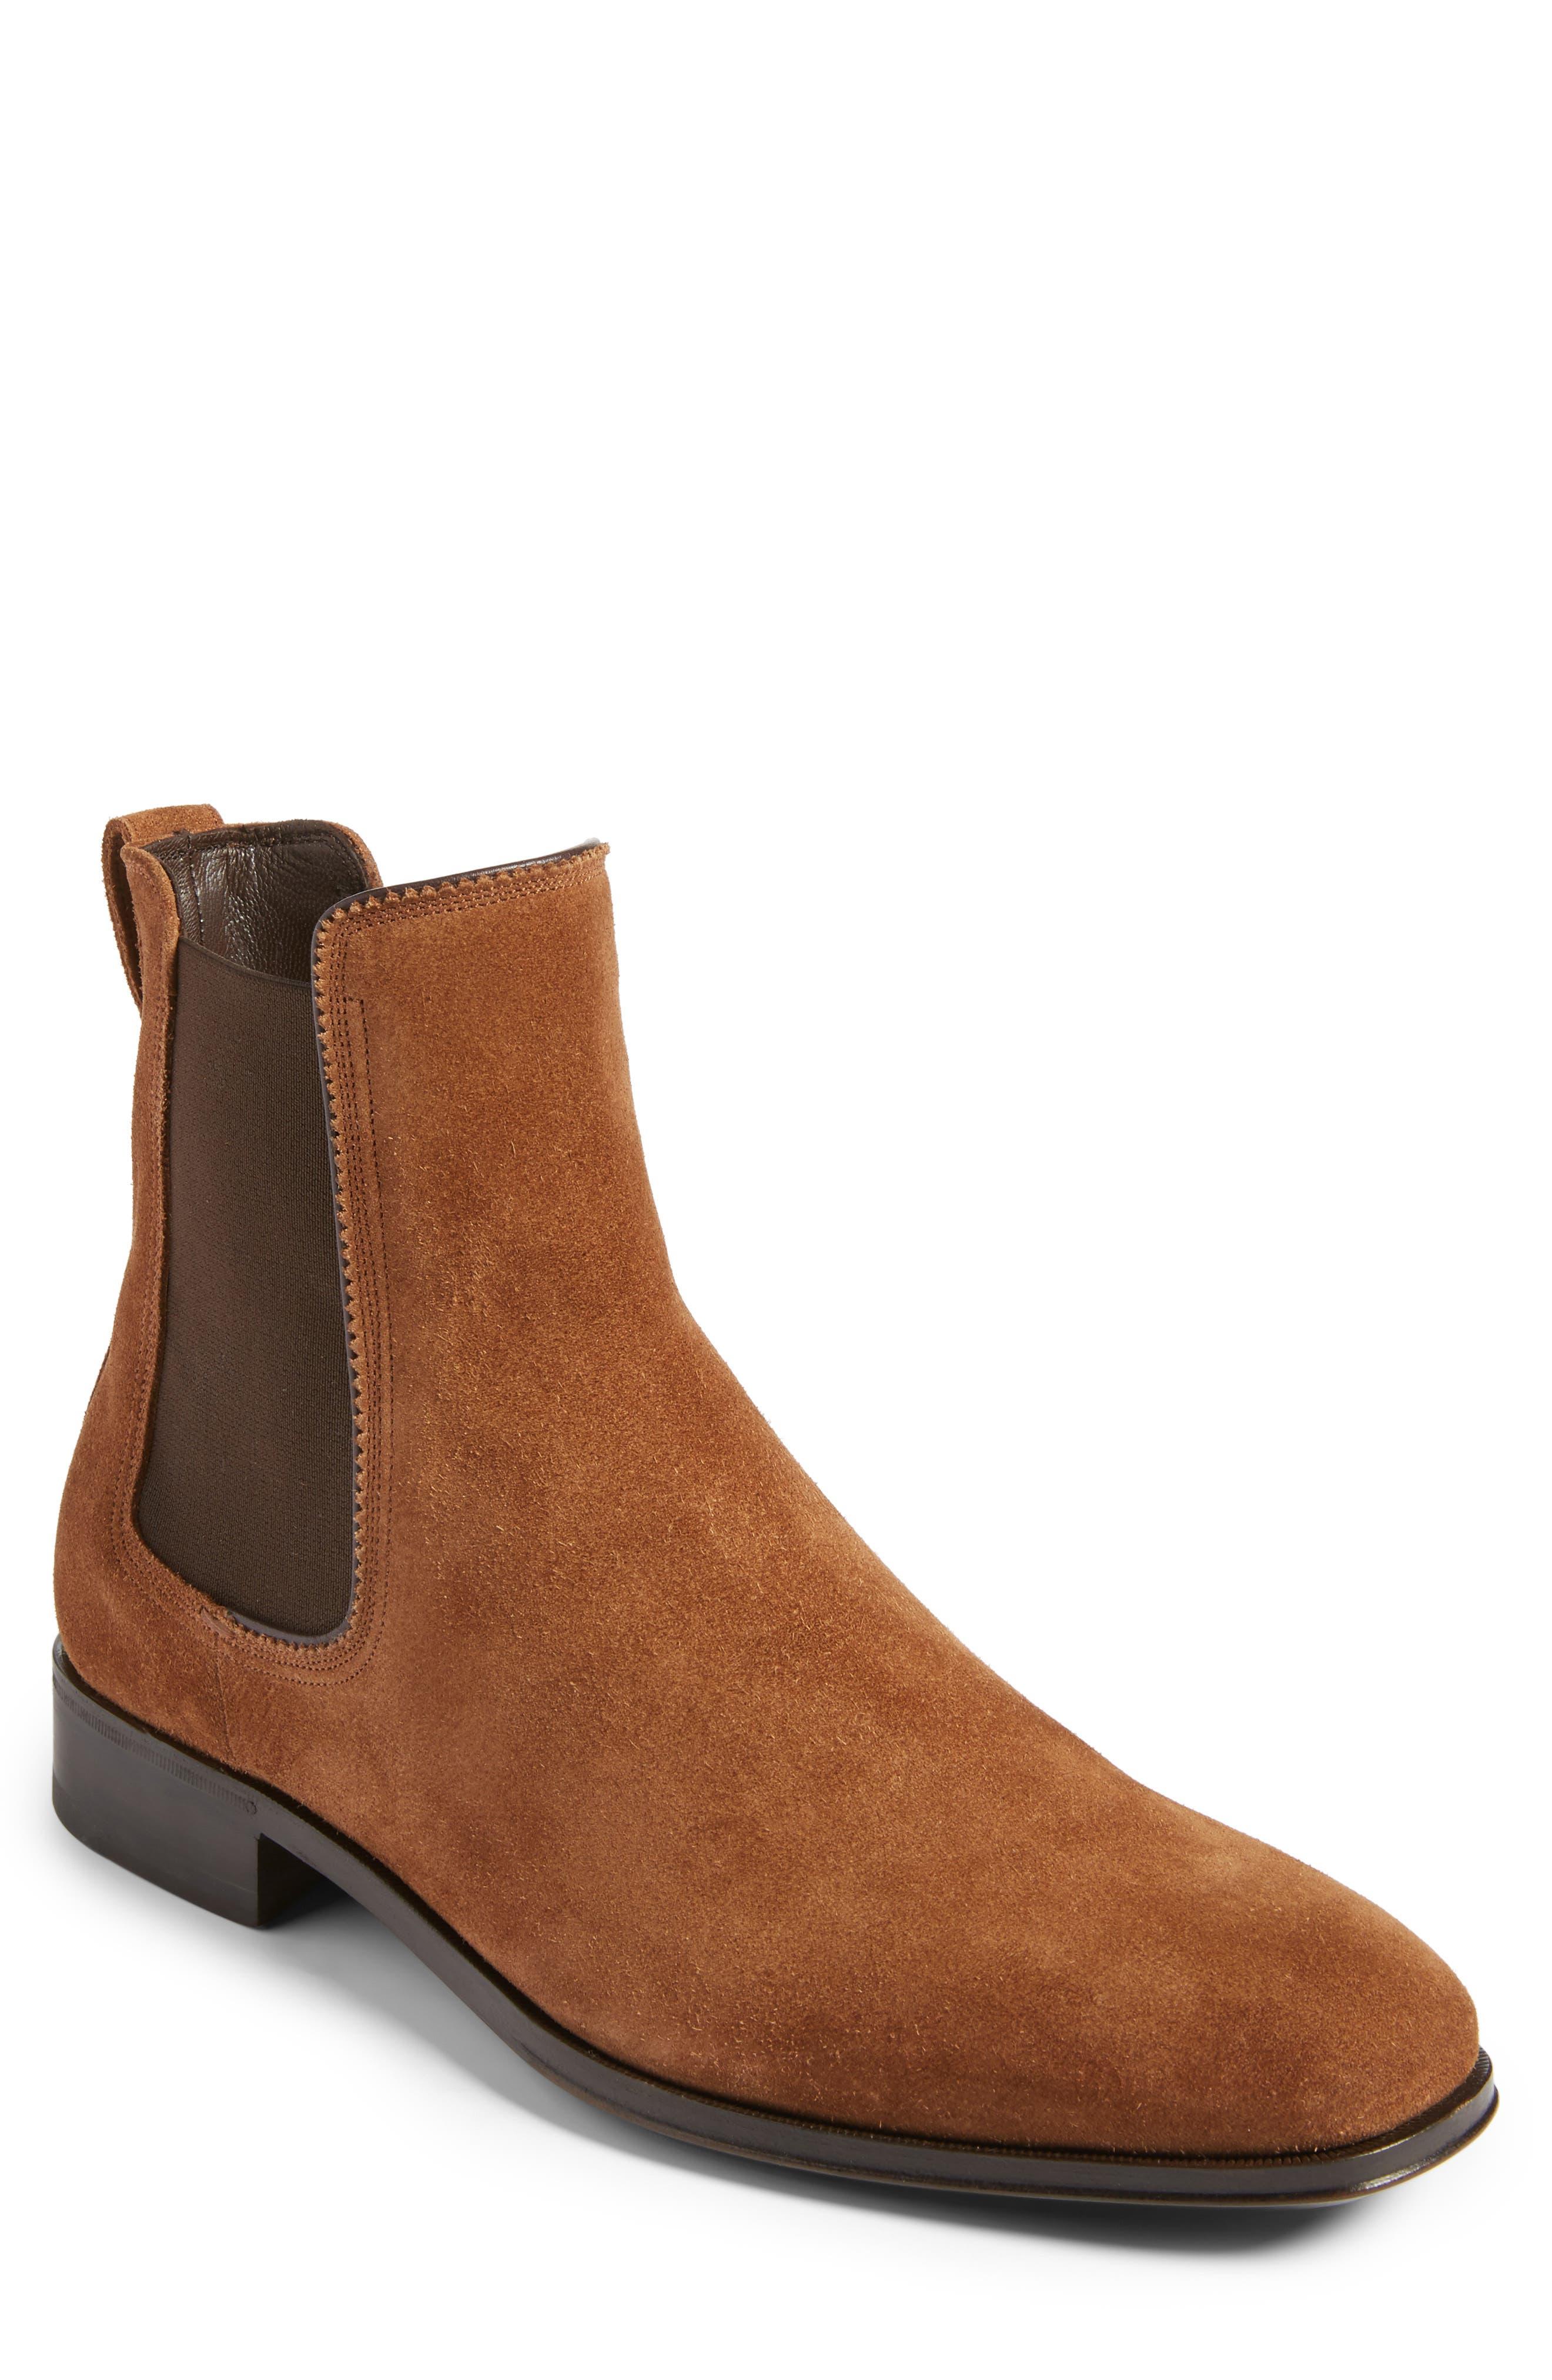 Darien Chelsea Boot,                         Main,                         color,